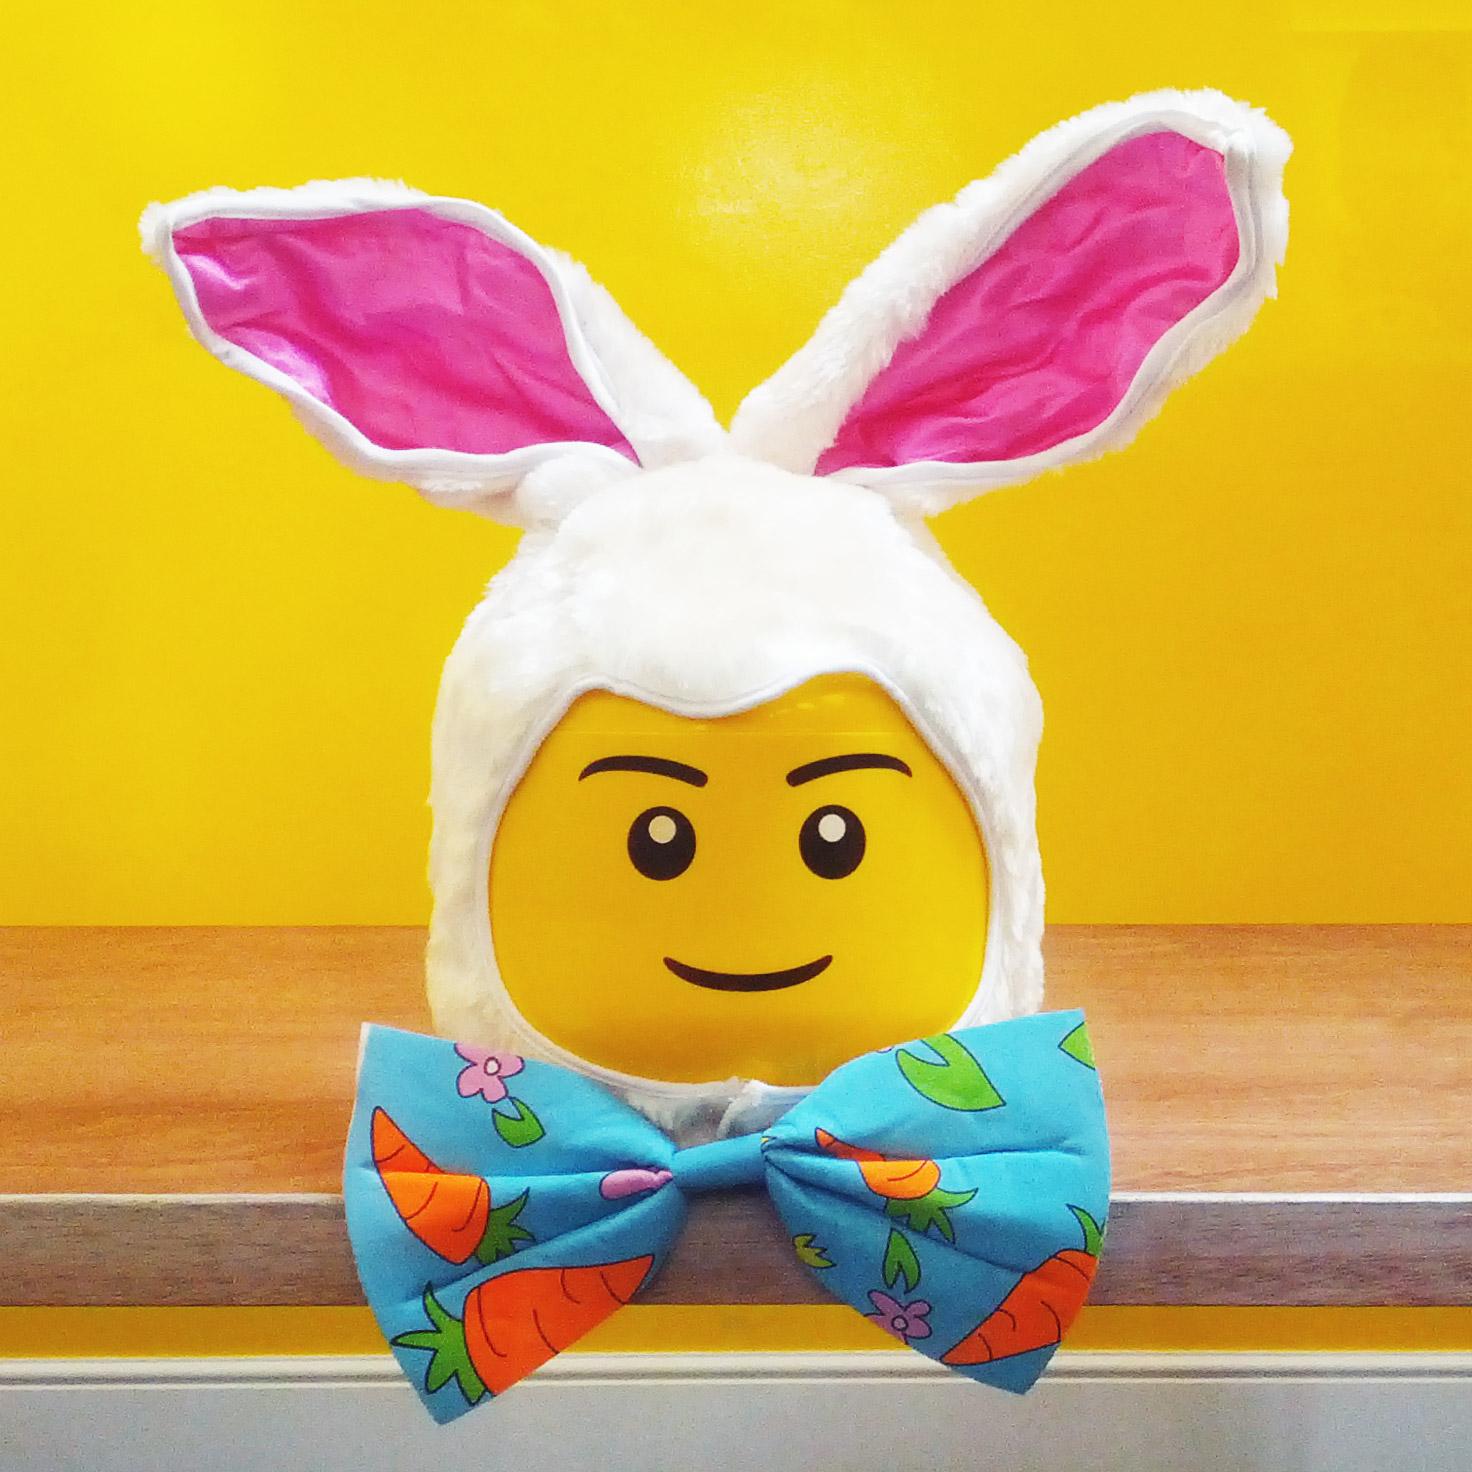 lego_bunny